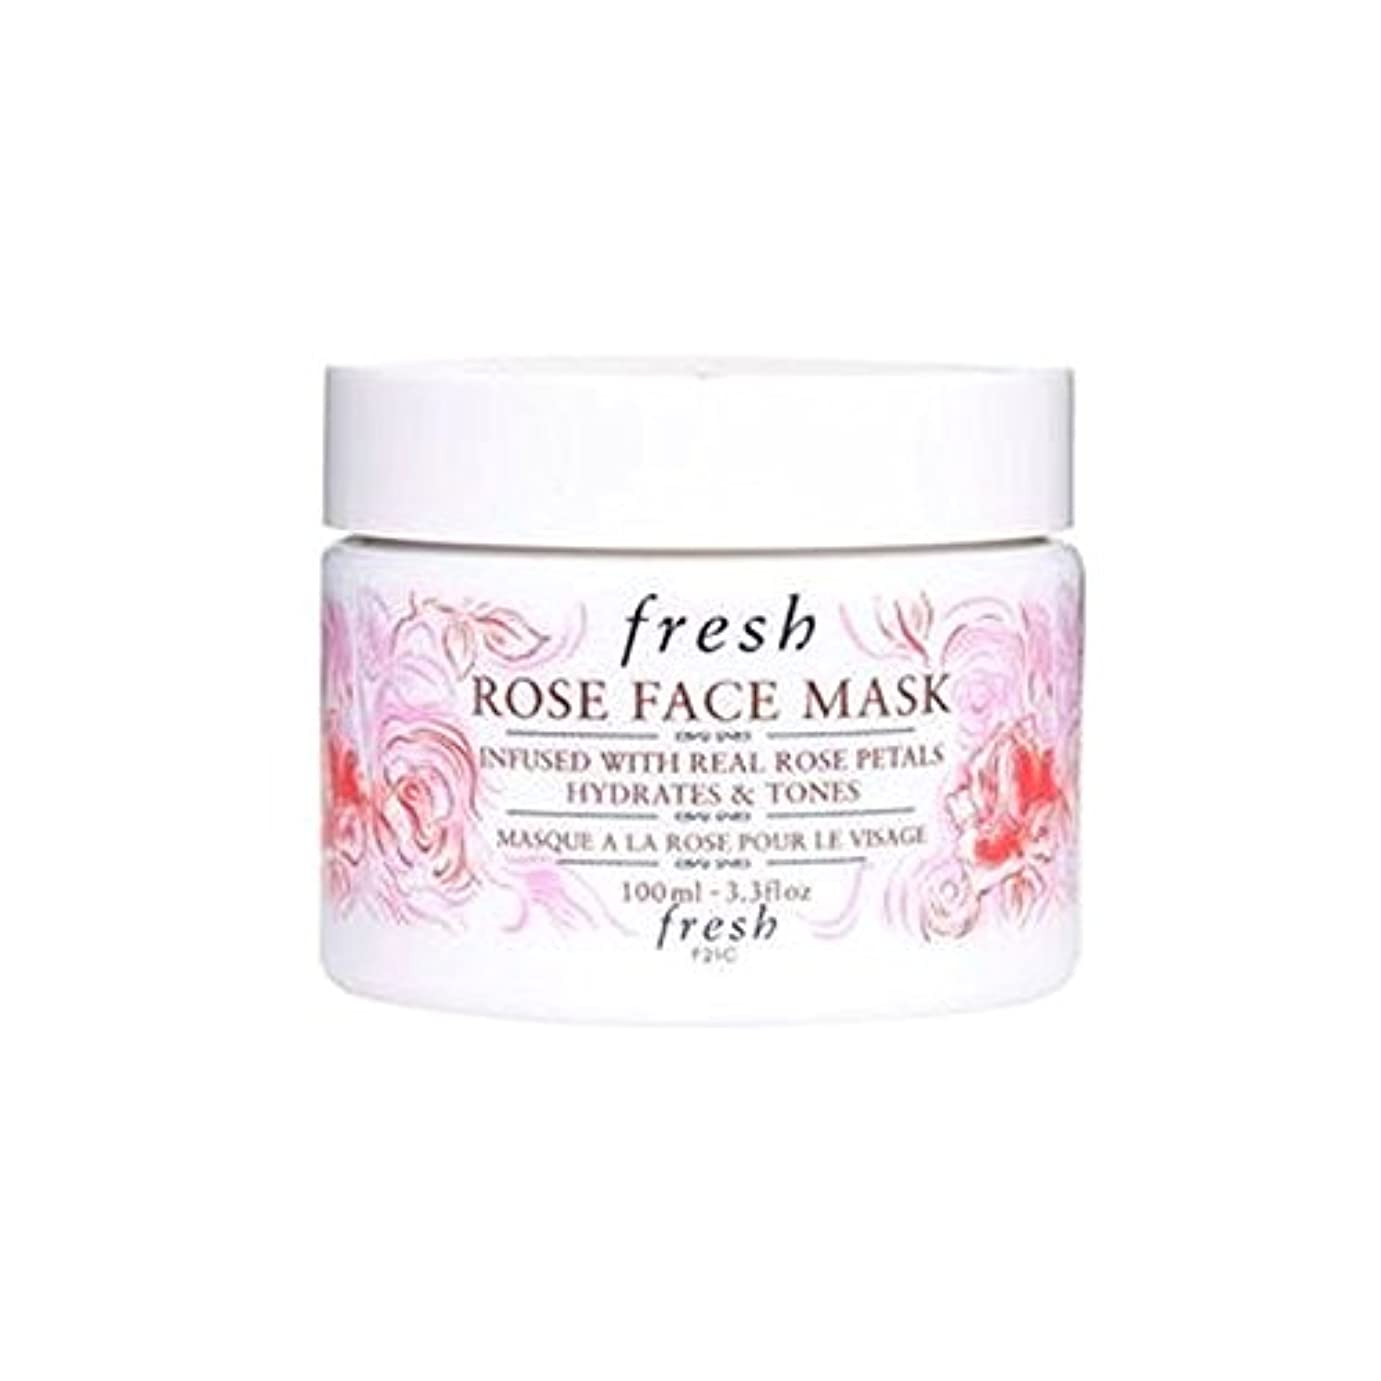 効能ある彼はくるくるFresh (フレッシュ) 15周年記念限定版 Rose Face Mask ローズフェイスマスク-, 100ml /3.3 fl.oz [並行輸入品] [海外直送品]